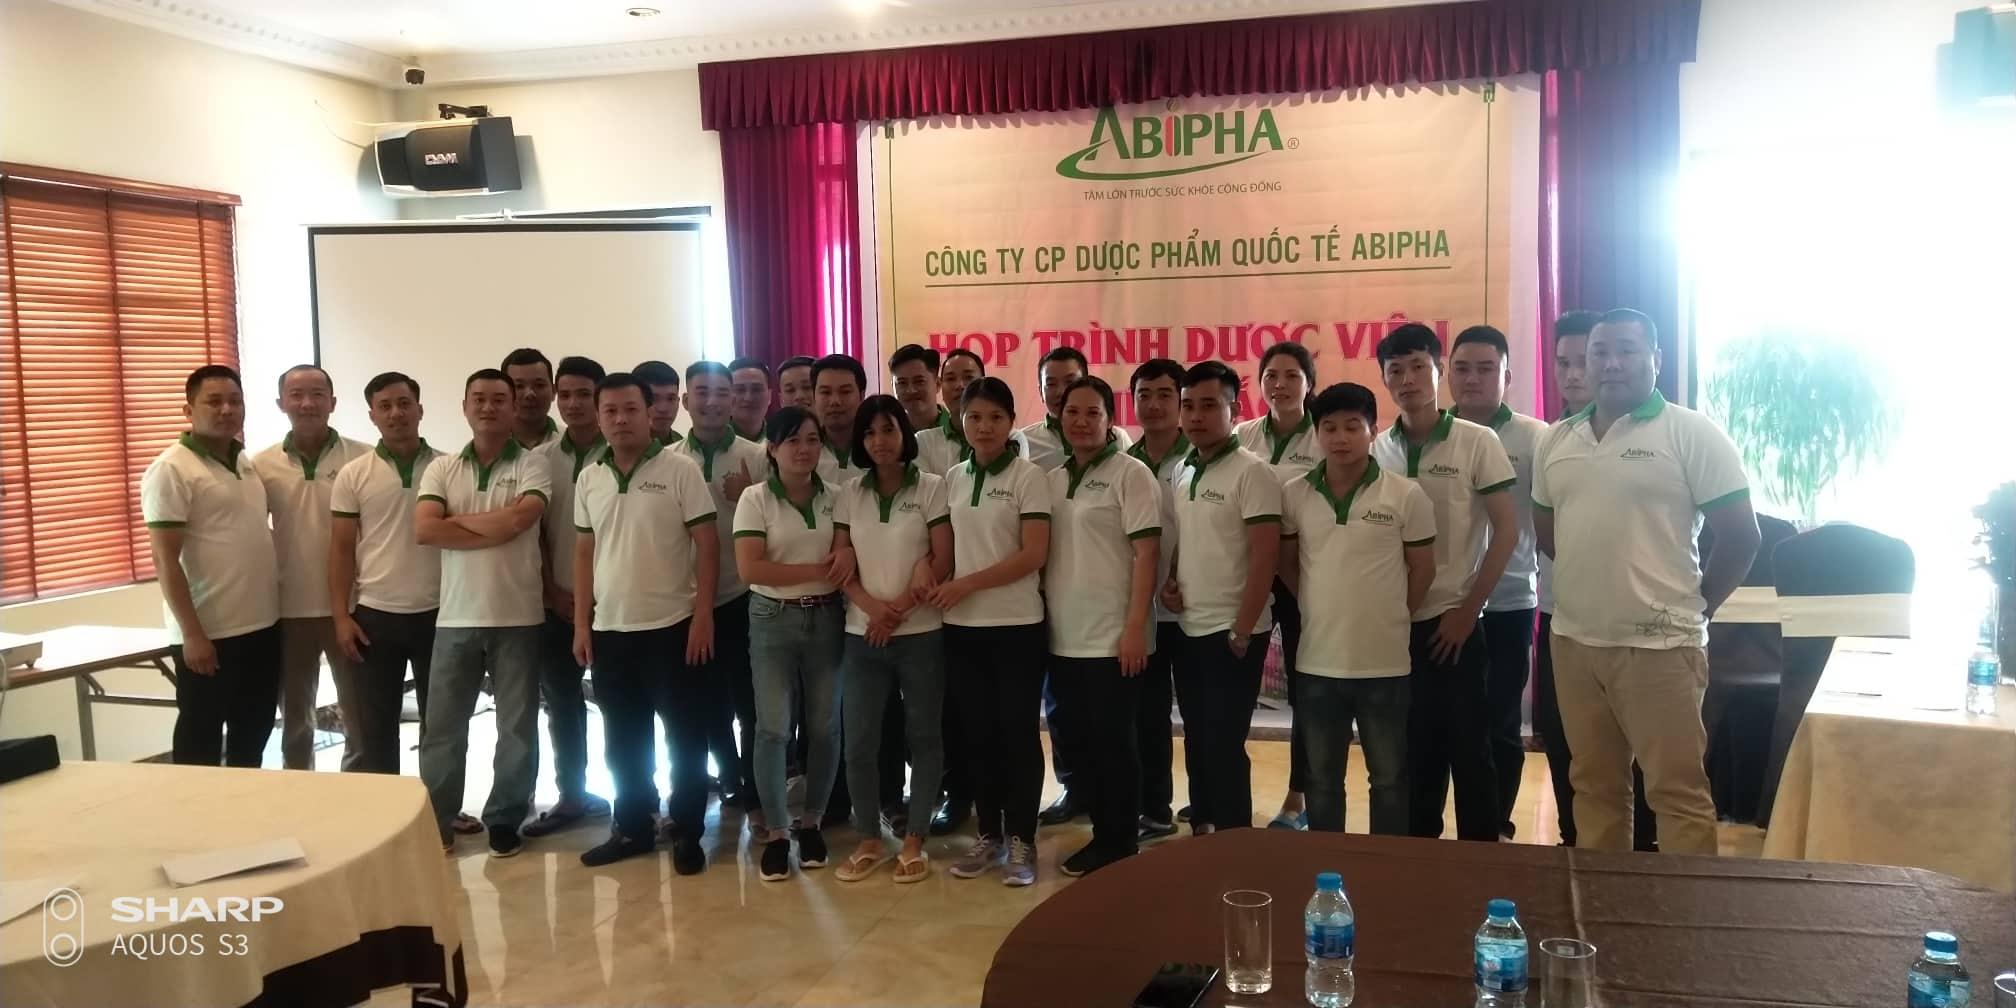 Abipha họp trình dược viên 2019 tại Hạ Long – Quảng Ninh